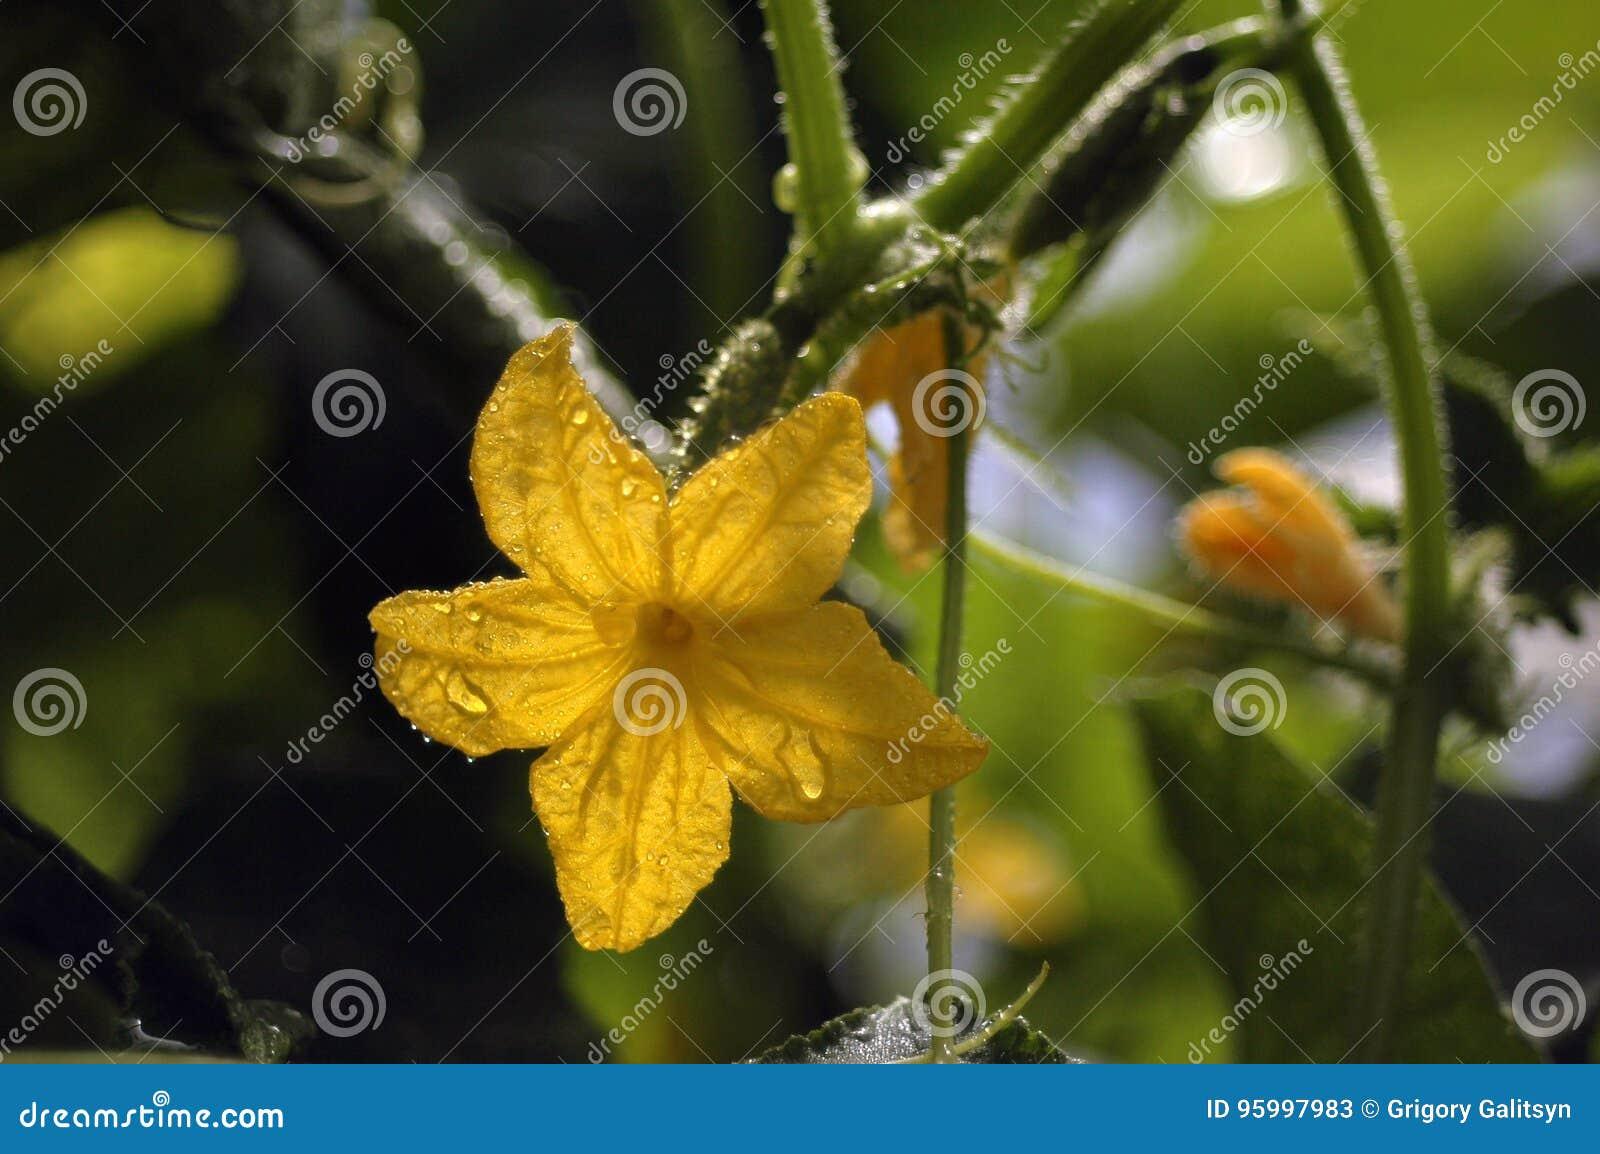 Floraison et maturation des concombres d un grand choix de cornichons après arrosage